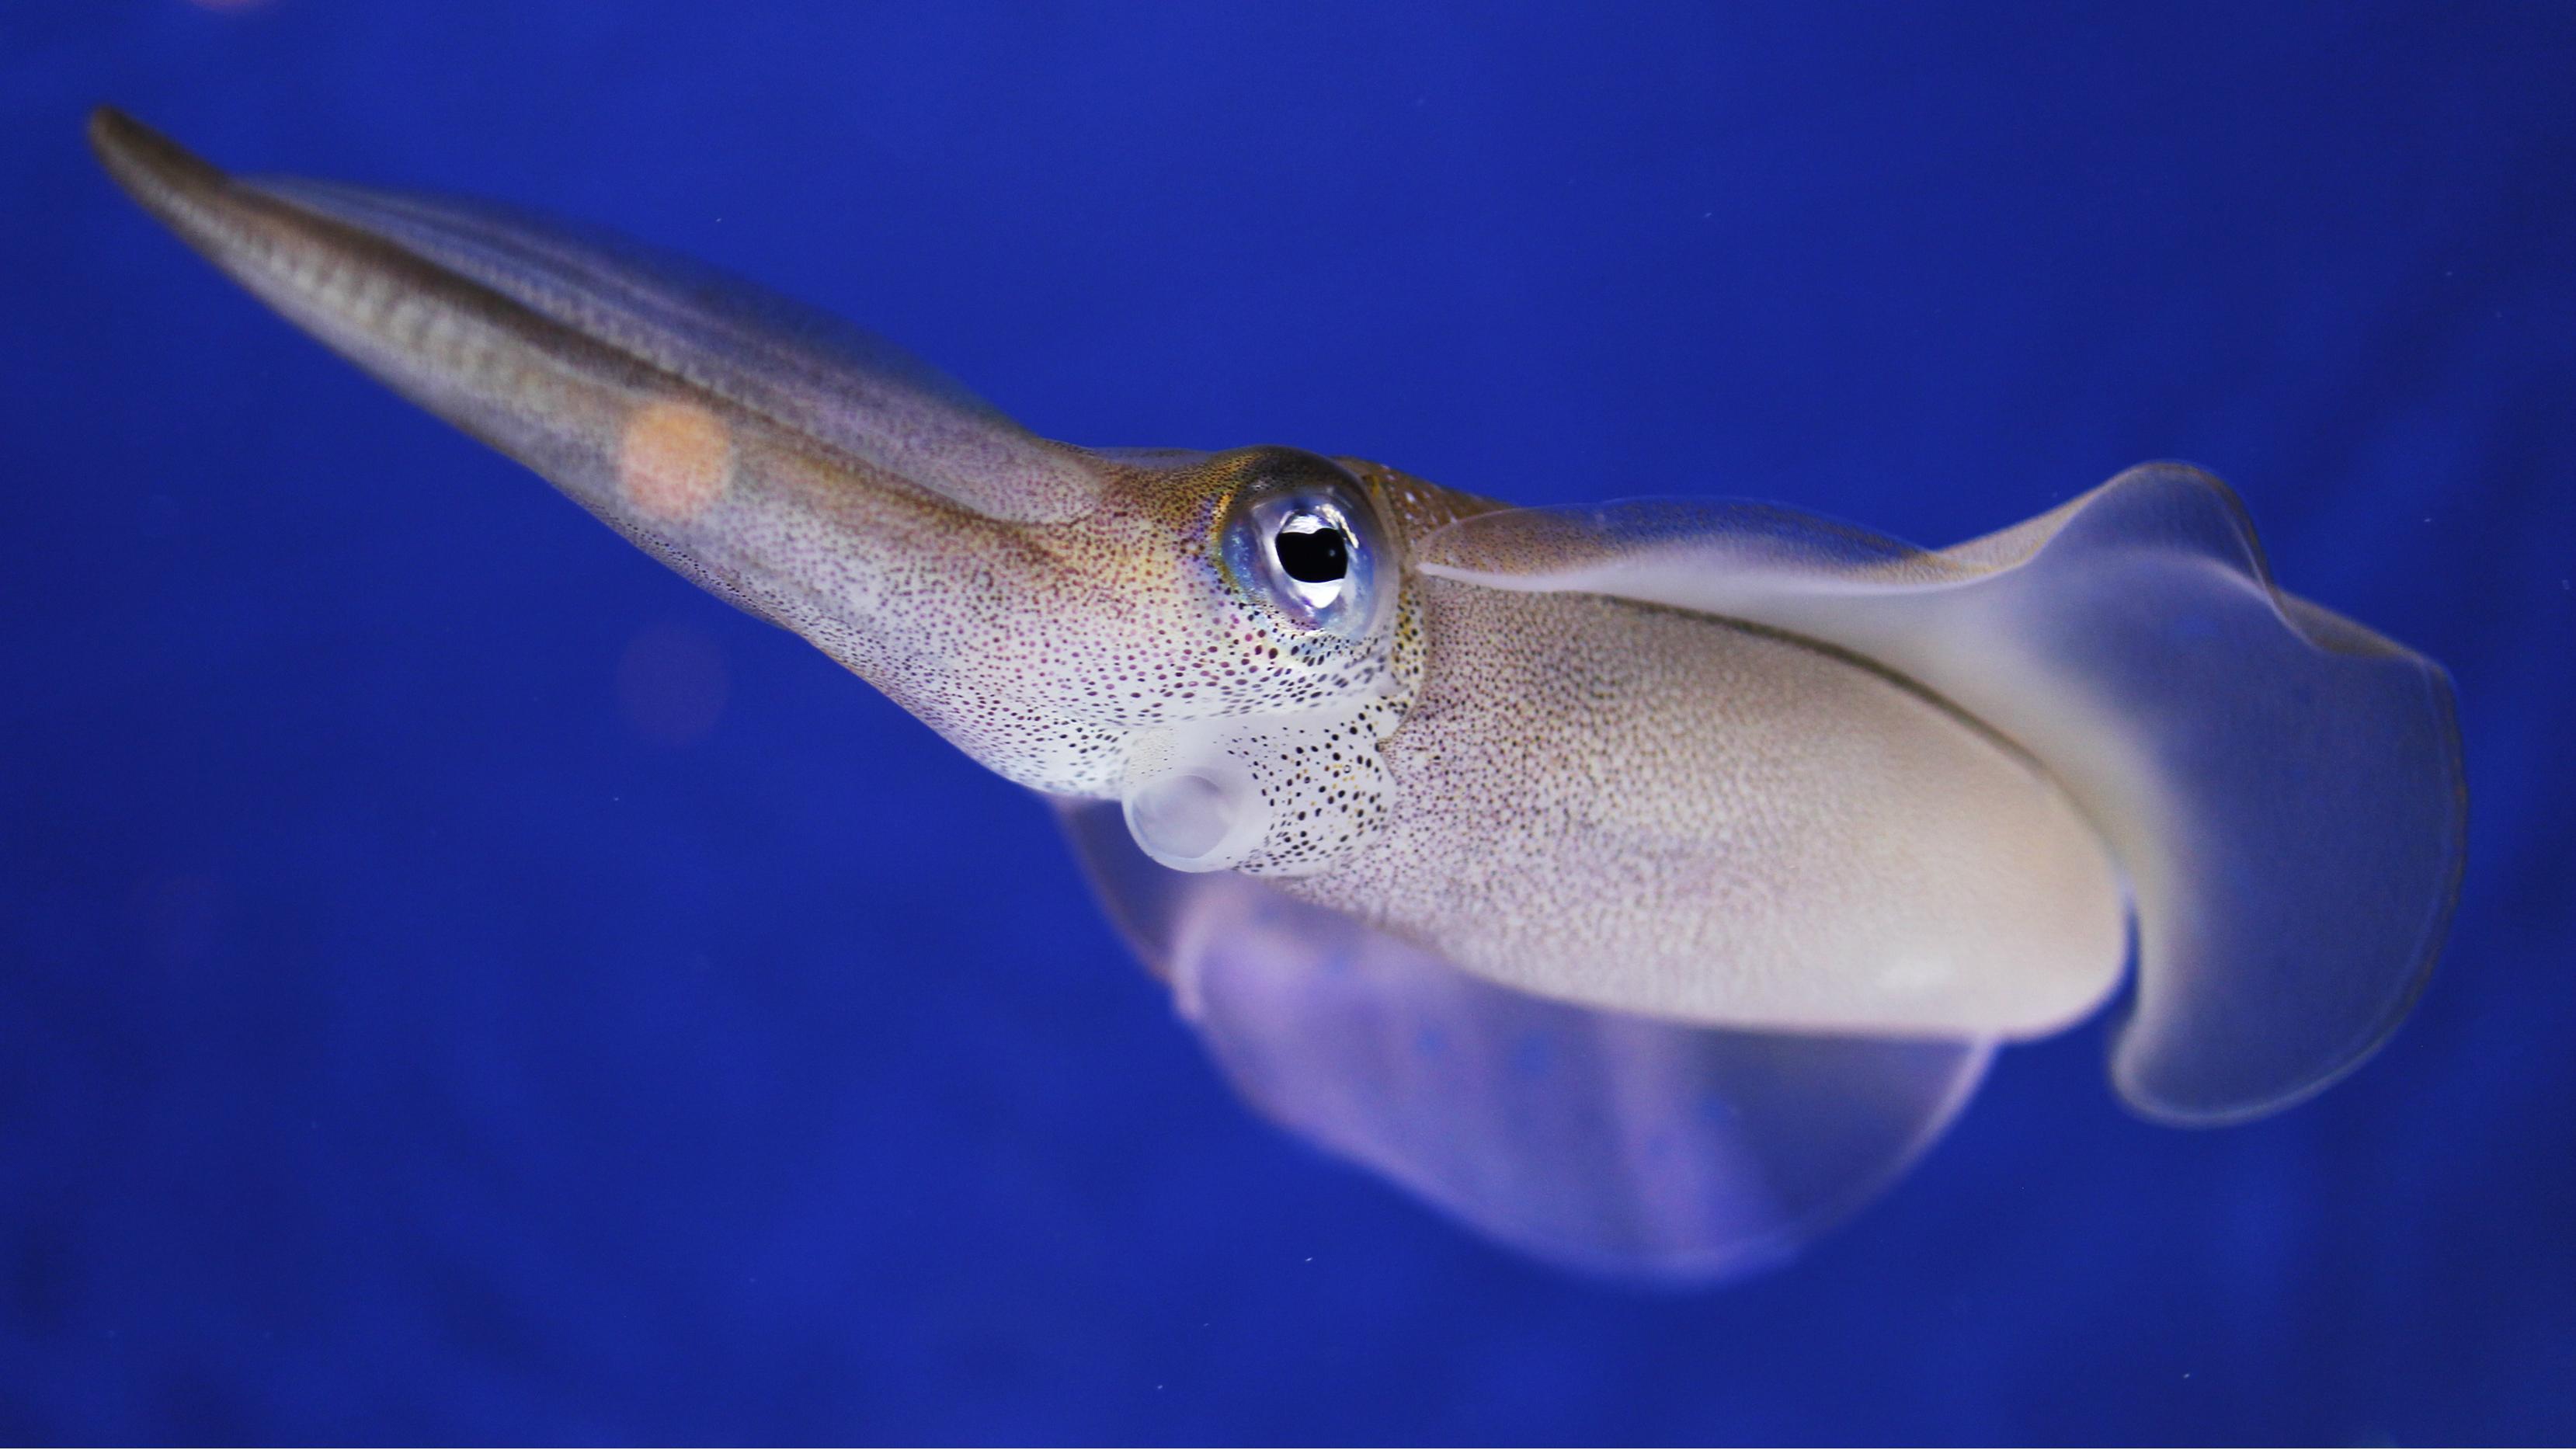 Squid skin